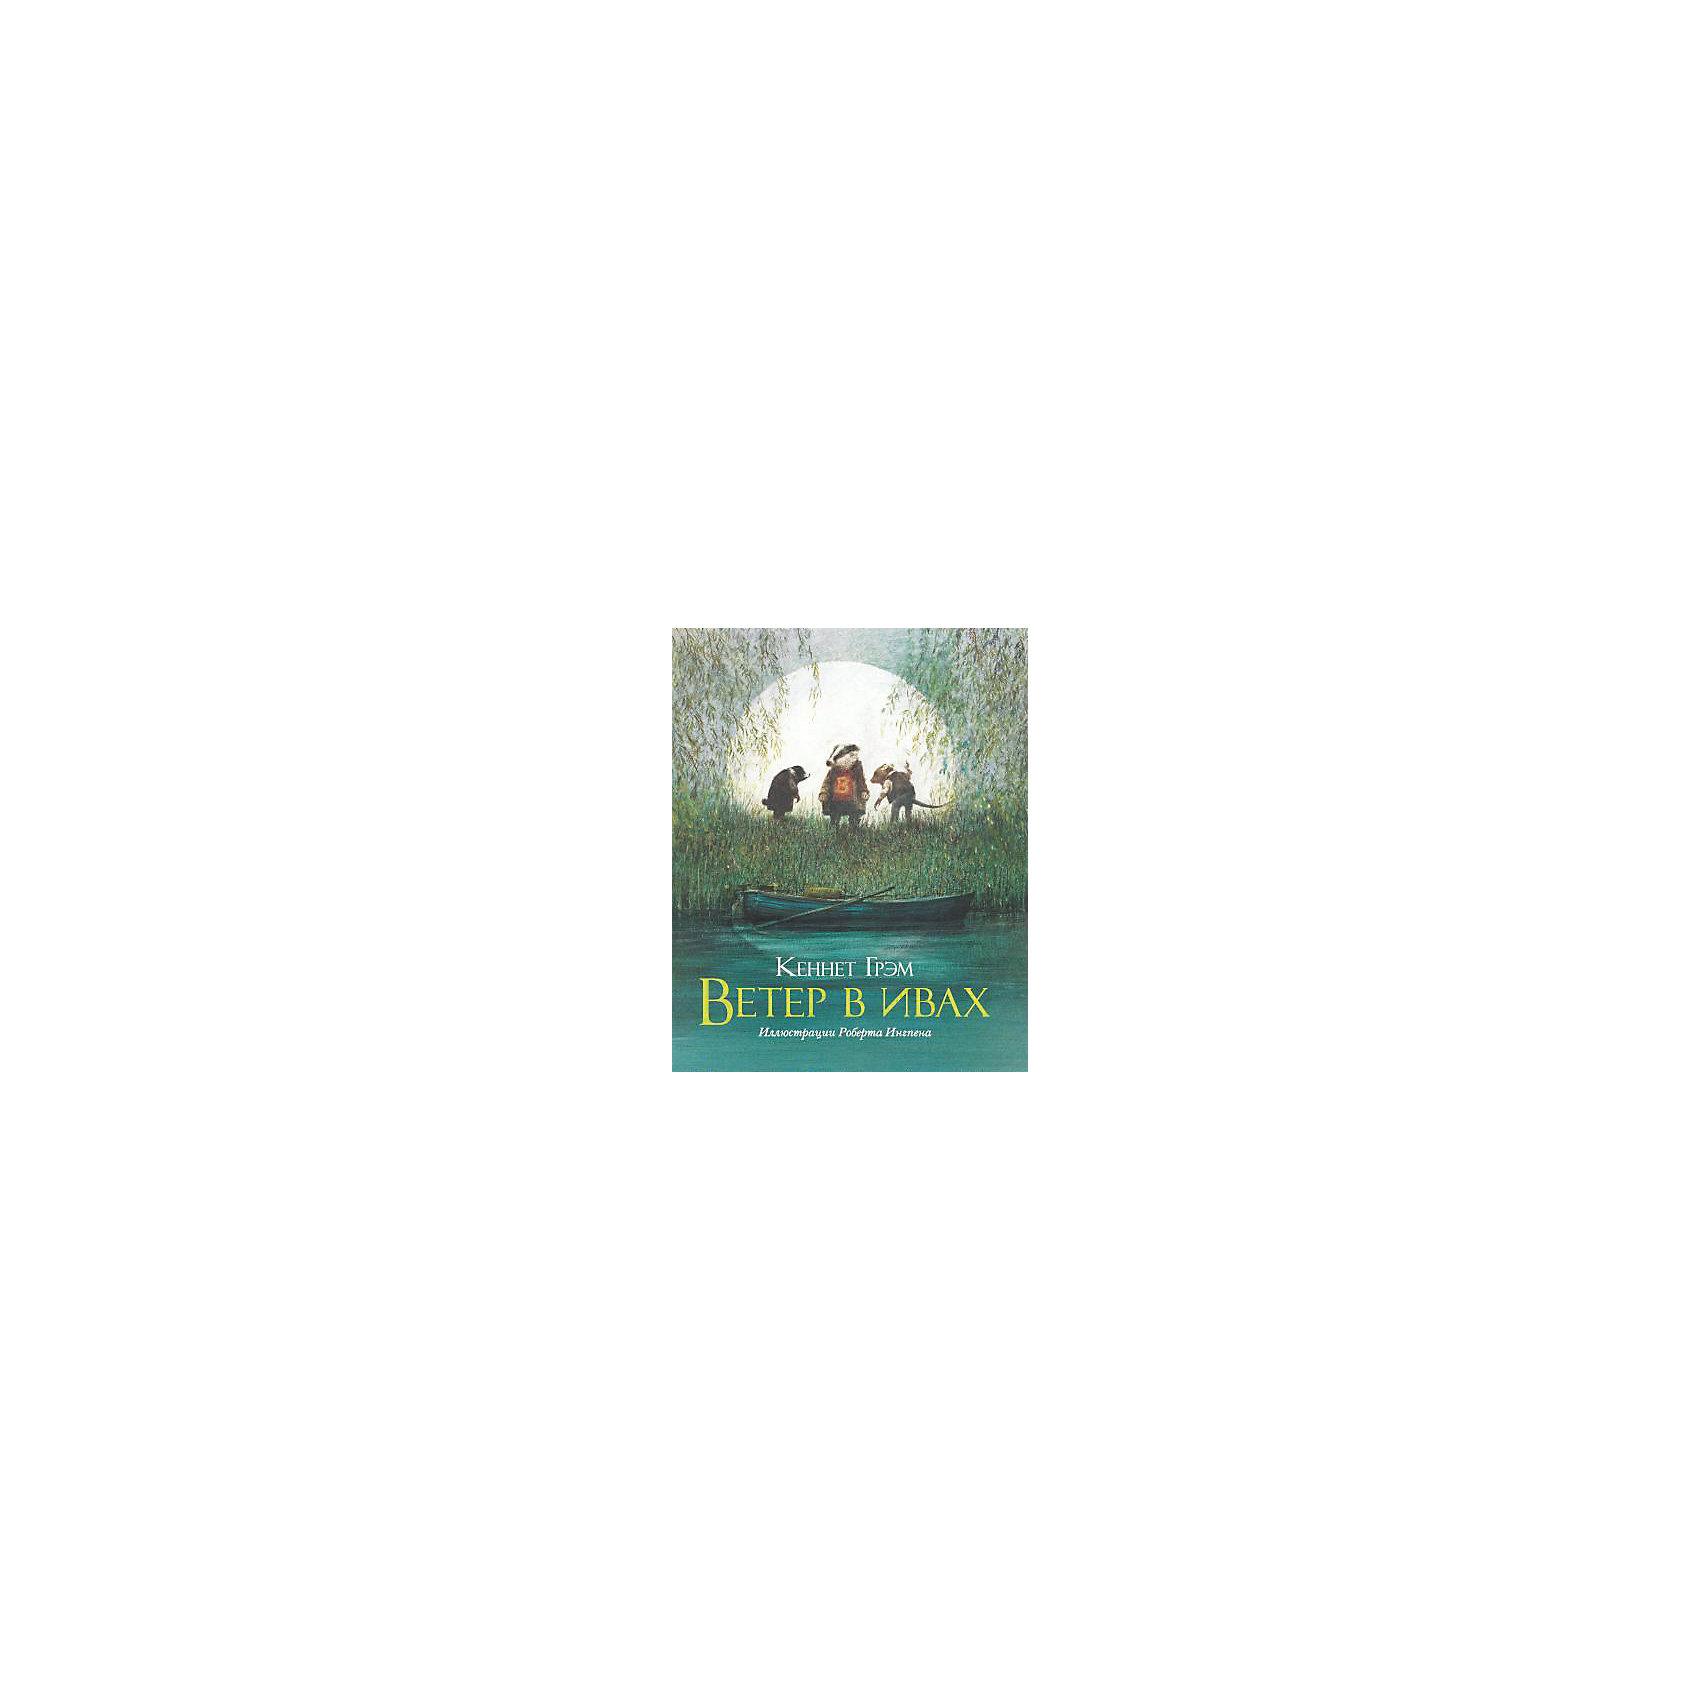 Ветер в ивах, Кеннет Грэм (ил. Р. Ингпен)Знаменитая сказка английского писателя Кеннета Грэма «Ветер в ивах» обрела в этом издании новую жизнь благодаря великолепным иллюстрациям австралийского художника Роберта Ингпена. Он получил всемирную известность как автор и иллюстратор более сотни различных книг. В 1986 году Р. Ингпен был удостоен Международной премии имени Х. К. Андерсена за вклад в детскую литературу. В последнее время Р. Ингпен<br>проиллюстрировал такие произведения классической литературы, как «Остров Сокровищ», «Книга джунглей», «Алиса в Стране чудес», «Приключения Тома Сойера», «Питер Пэн», которые уже выпустило издательство «Махаон».<br><br>Ширина мм: 235<br>Глубина мм: 195<br>Высота мм: 22<br>Вес г: 751<br>Возраст от месяцев: 132<br>Возраст до месяцев: 168<br>Пол: Унисекс<br>Возраст: Детский<br>SKU: 4818102